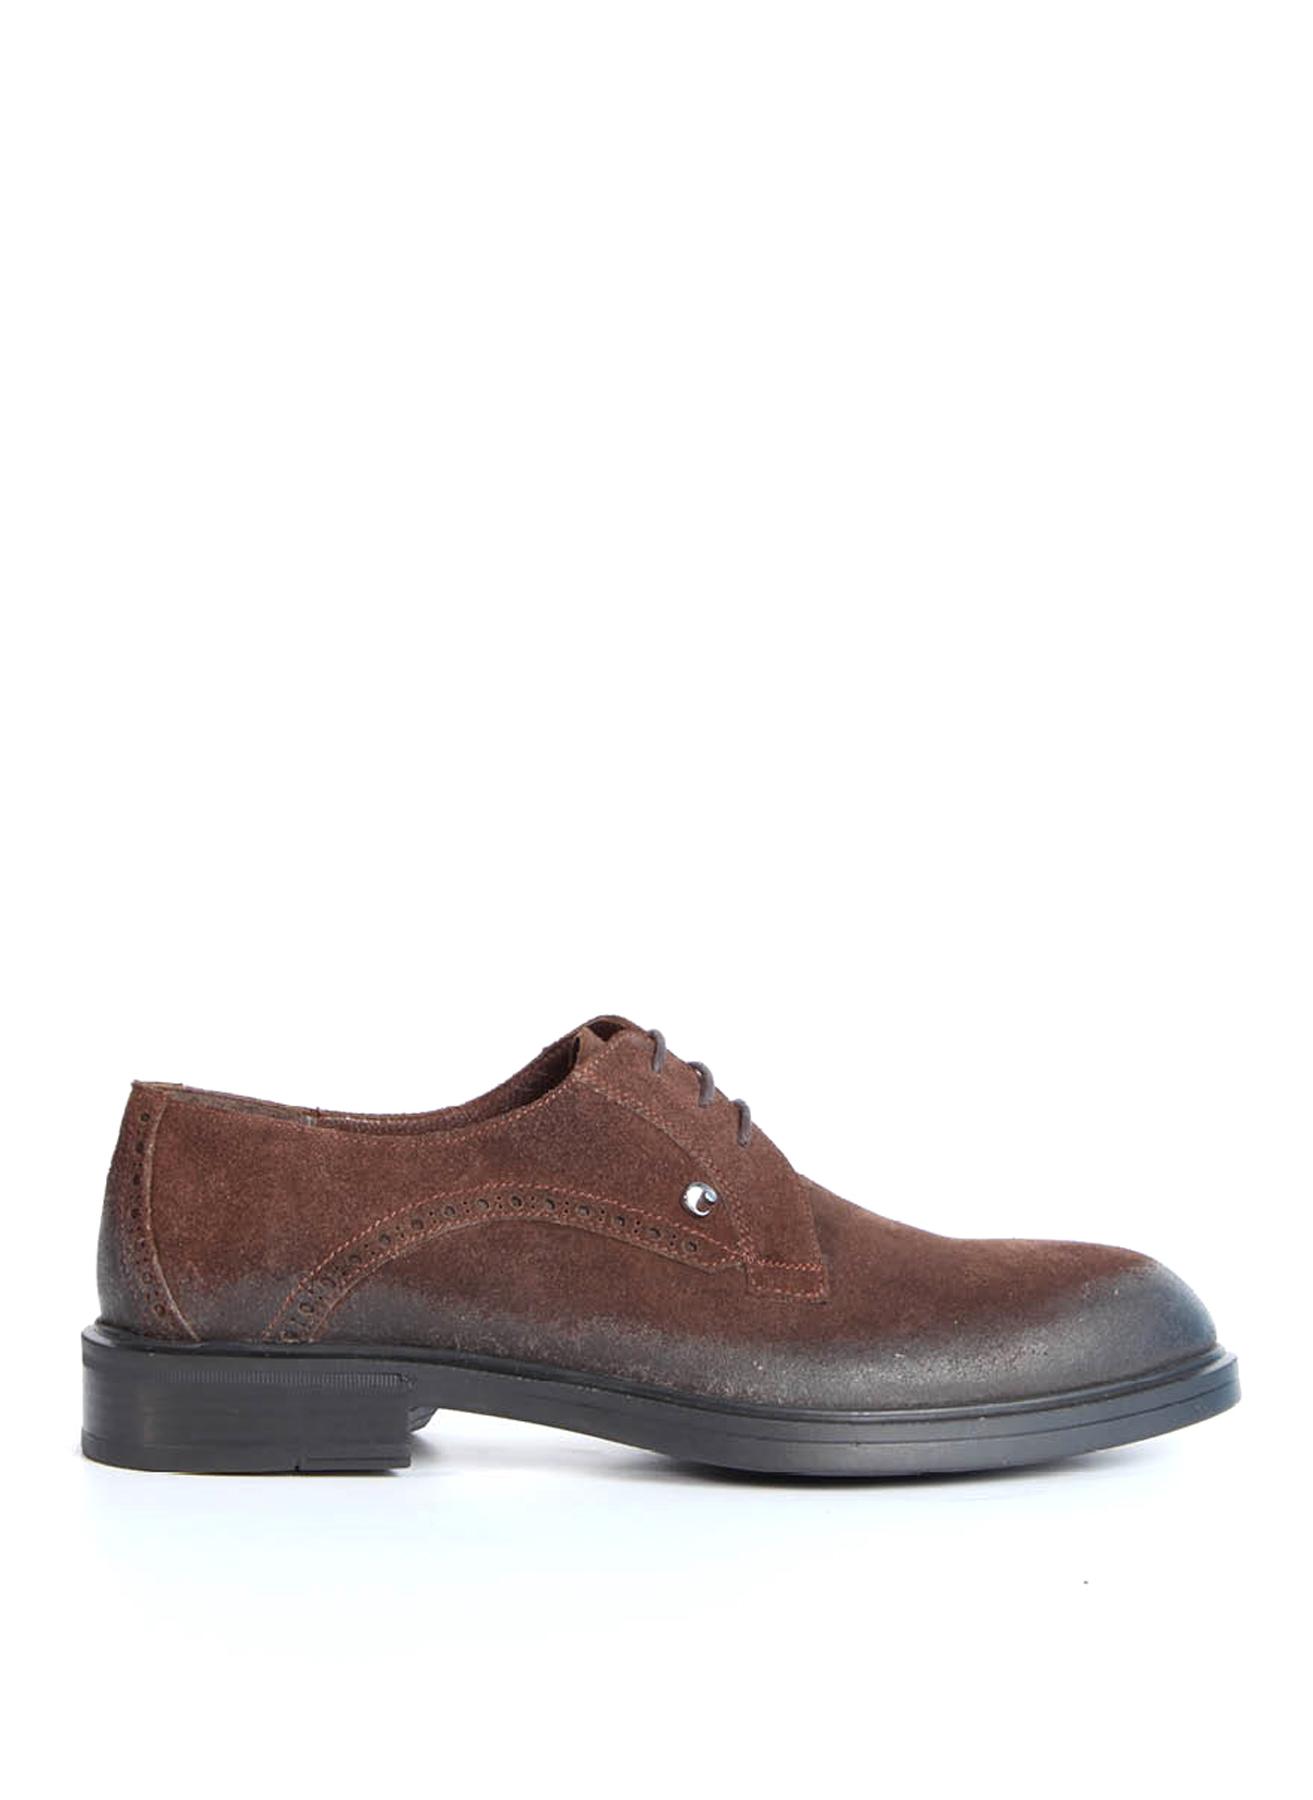 Cacharel Klasik Ayakkabı 42 5001921623003 Ürün Resmi